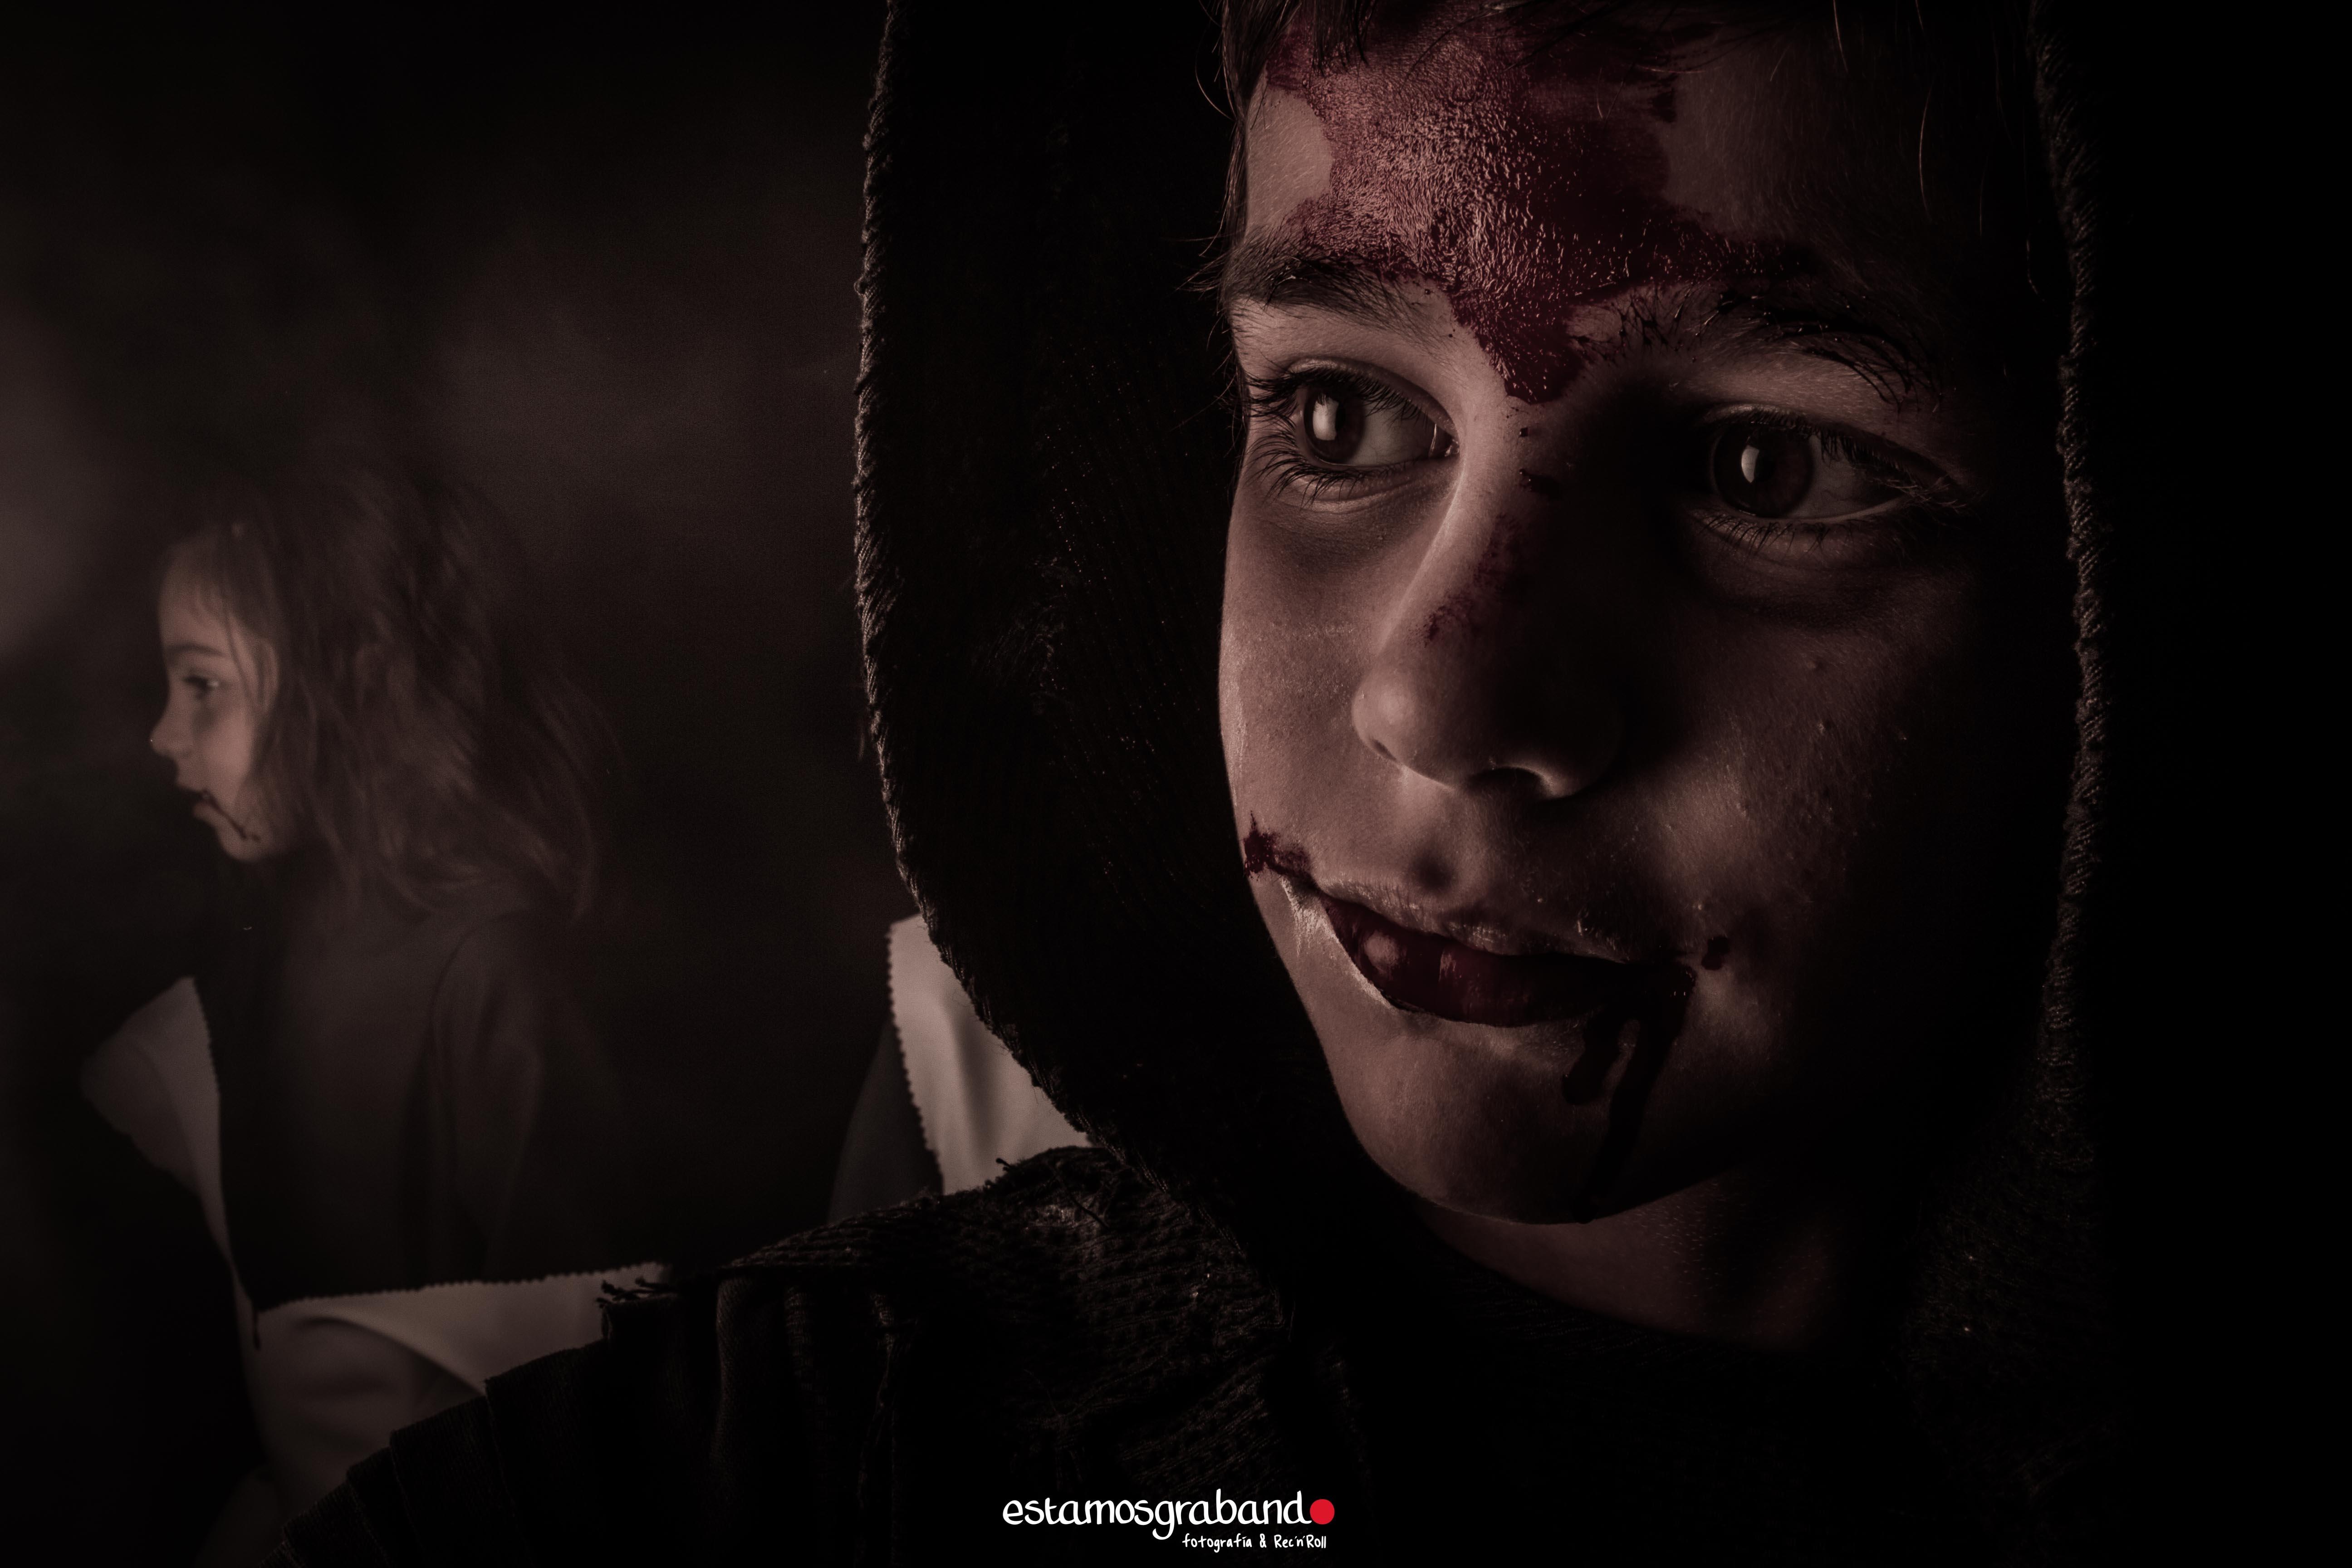 Halloween_estamosgrabando-42 Sesiones Terroríficas Volumen I_Fotografía Halloween - video boda cadiz